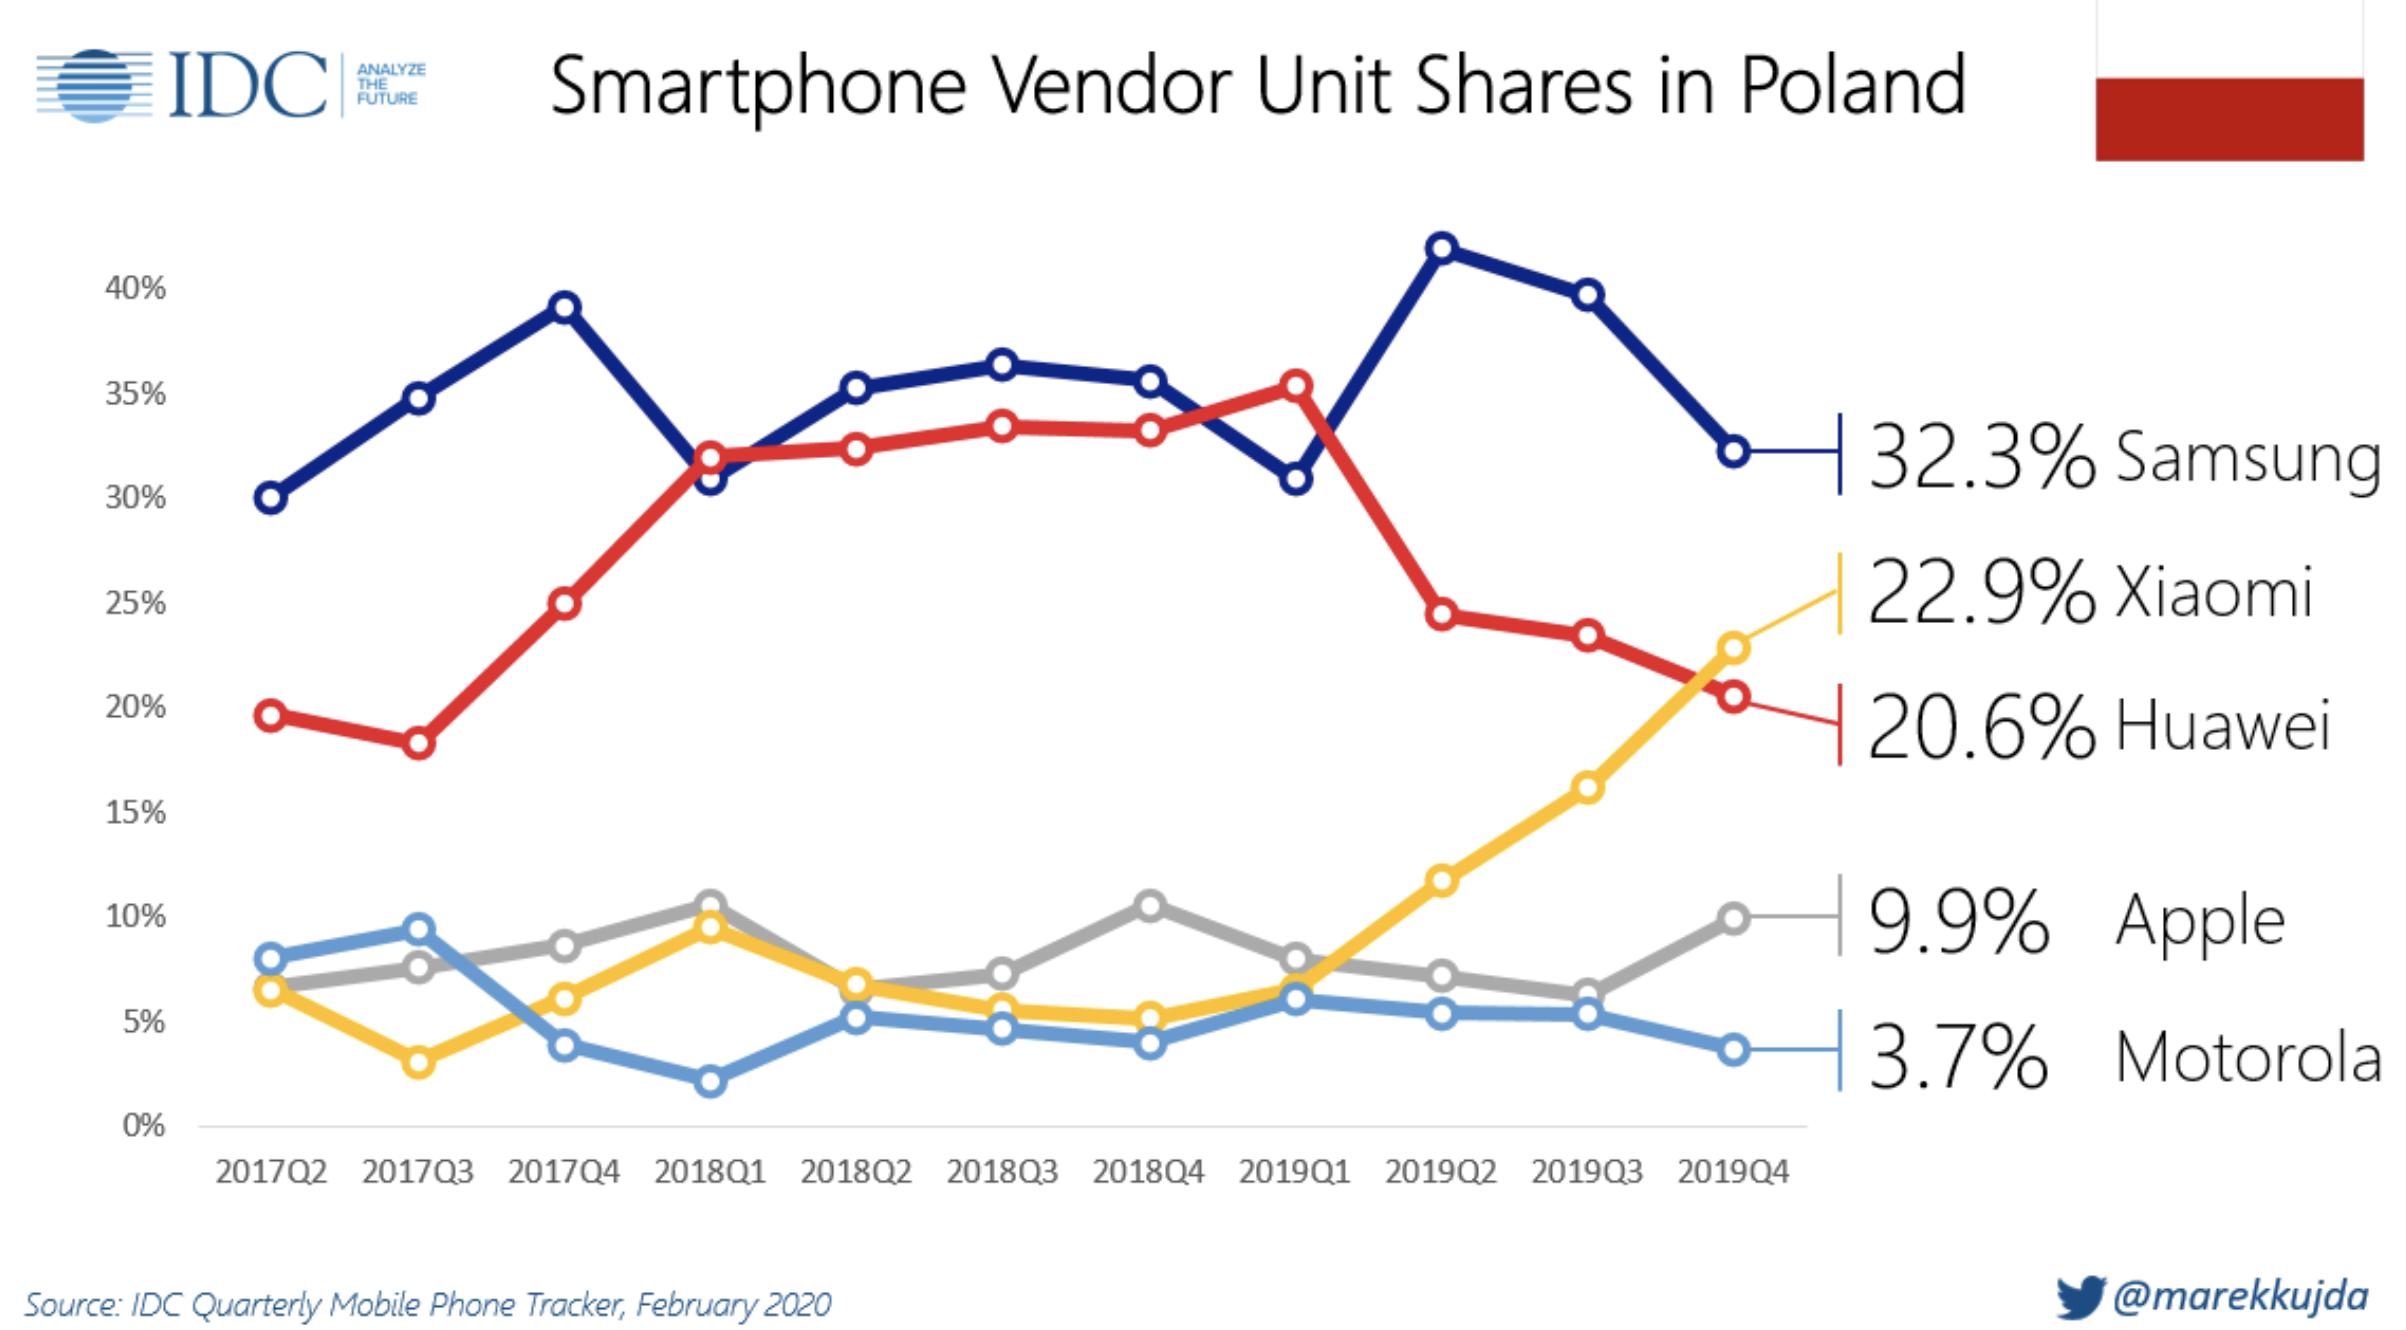 Xiaomi drugim największym producentem smartfonów w Polsce 22